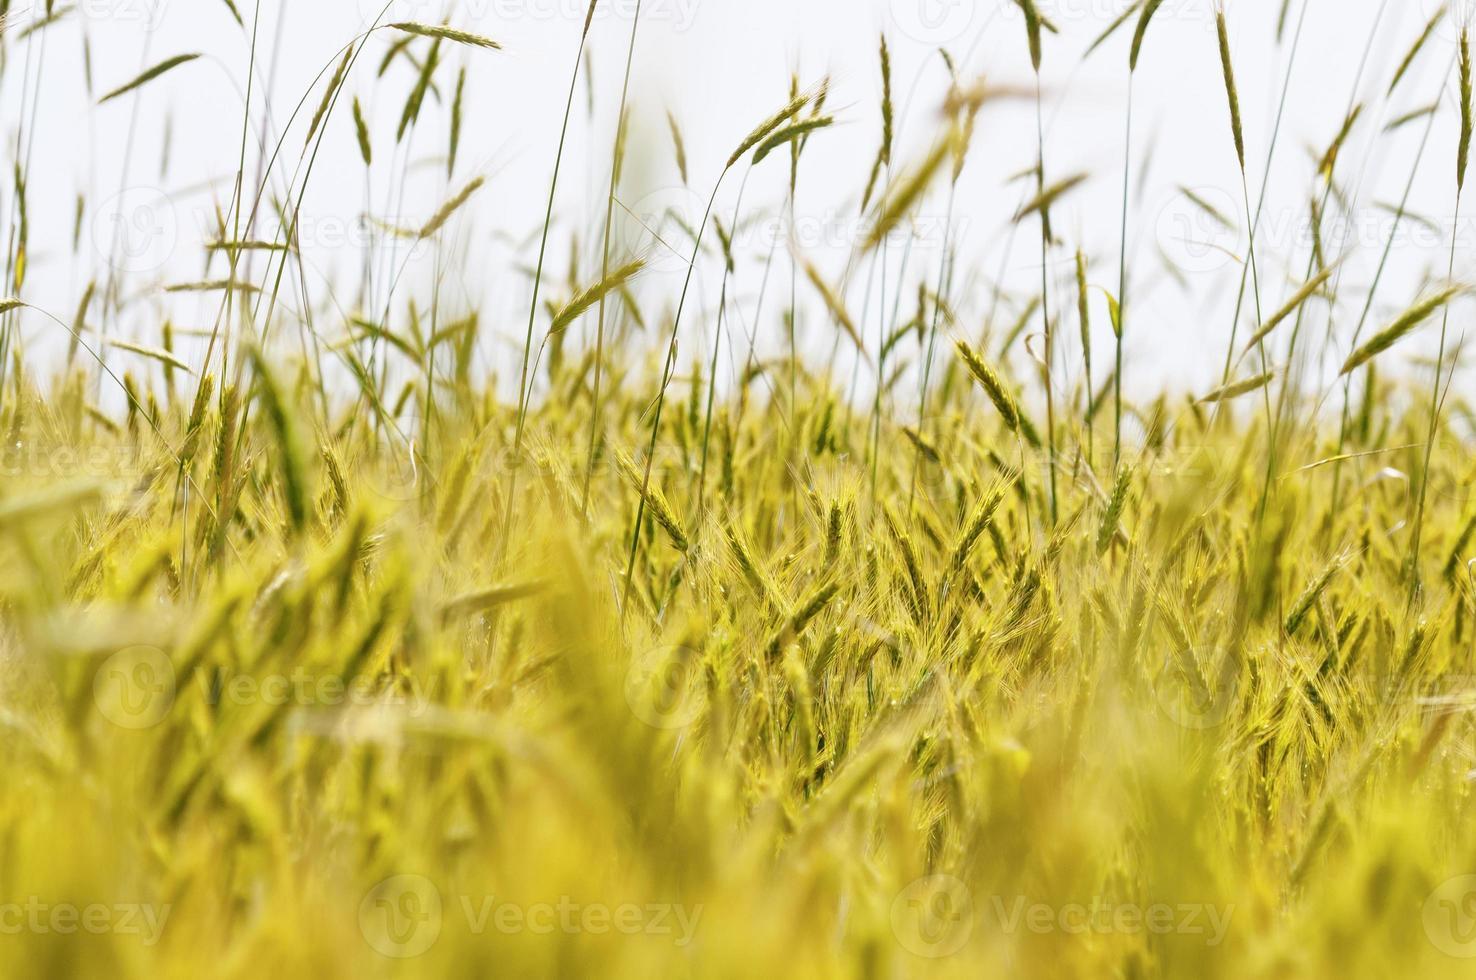 grön vete detalj foto